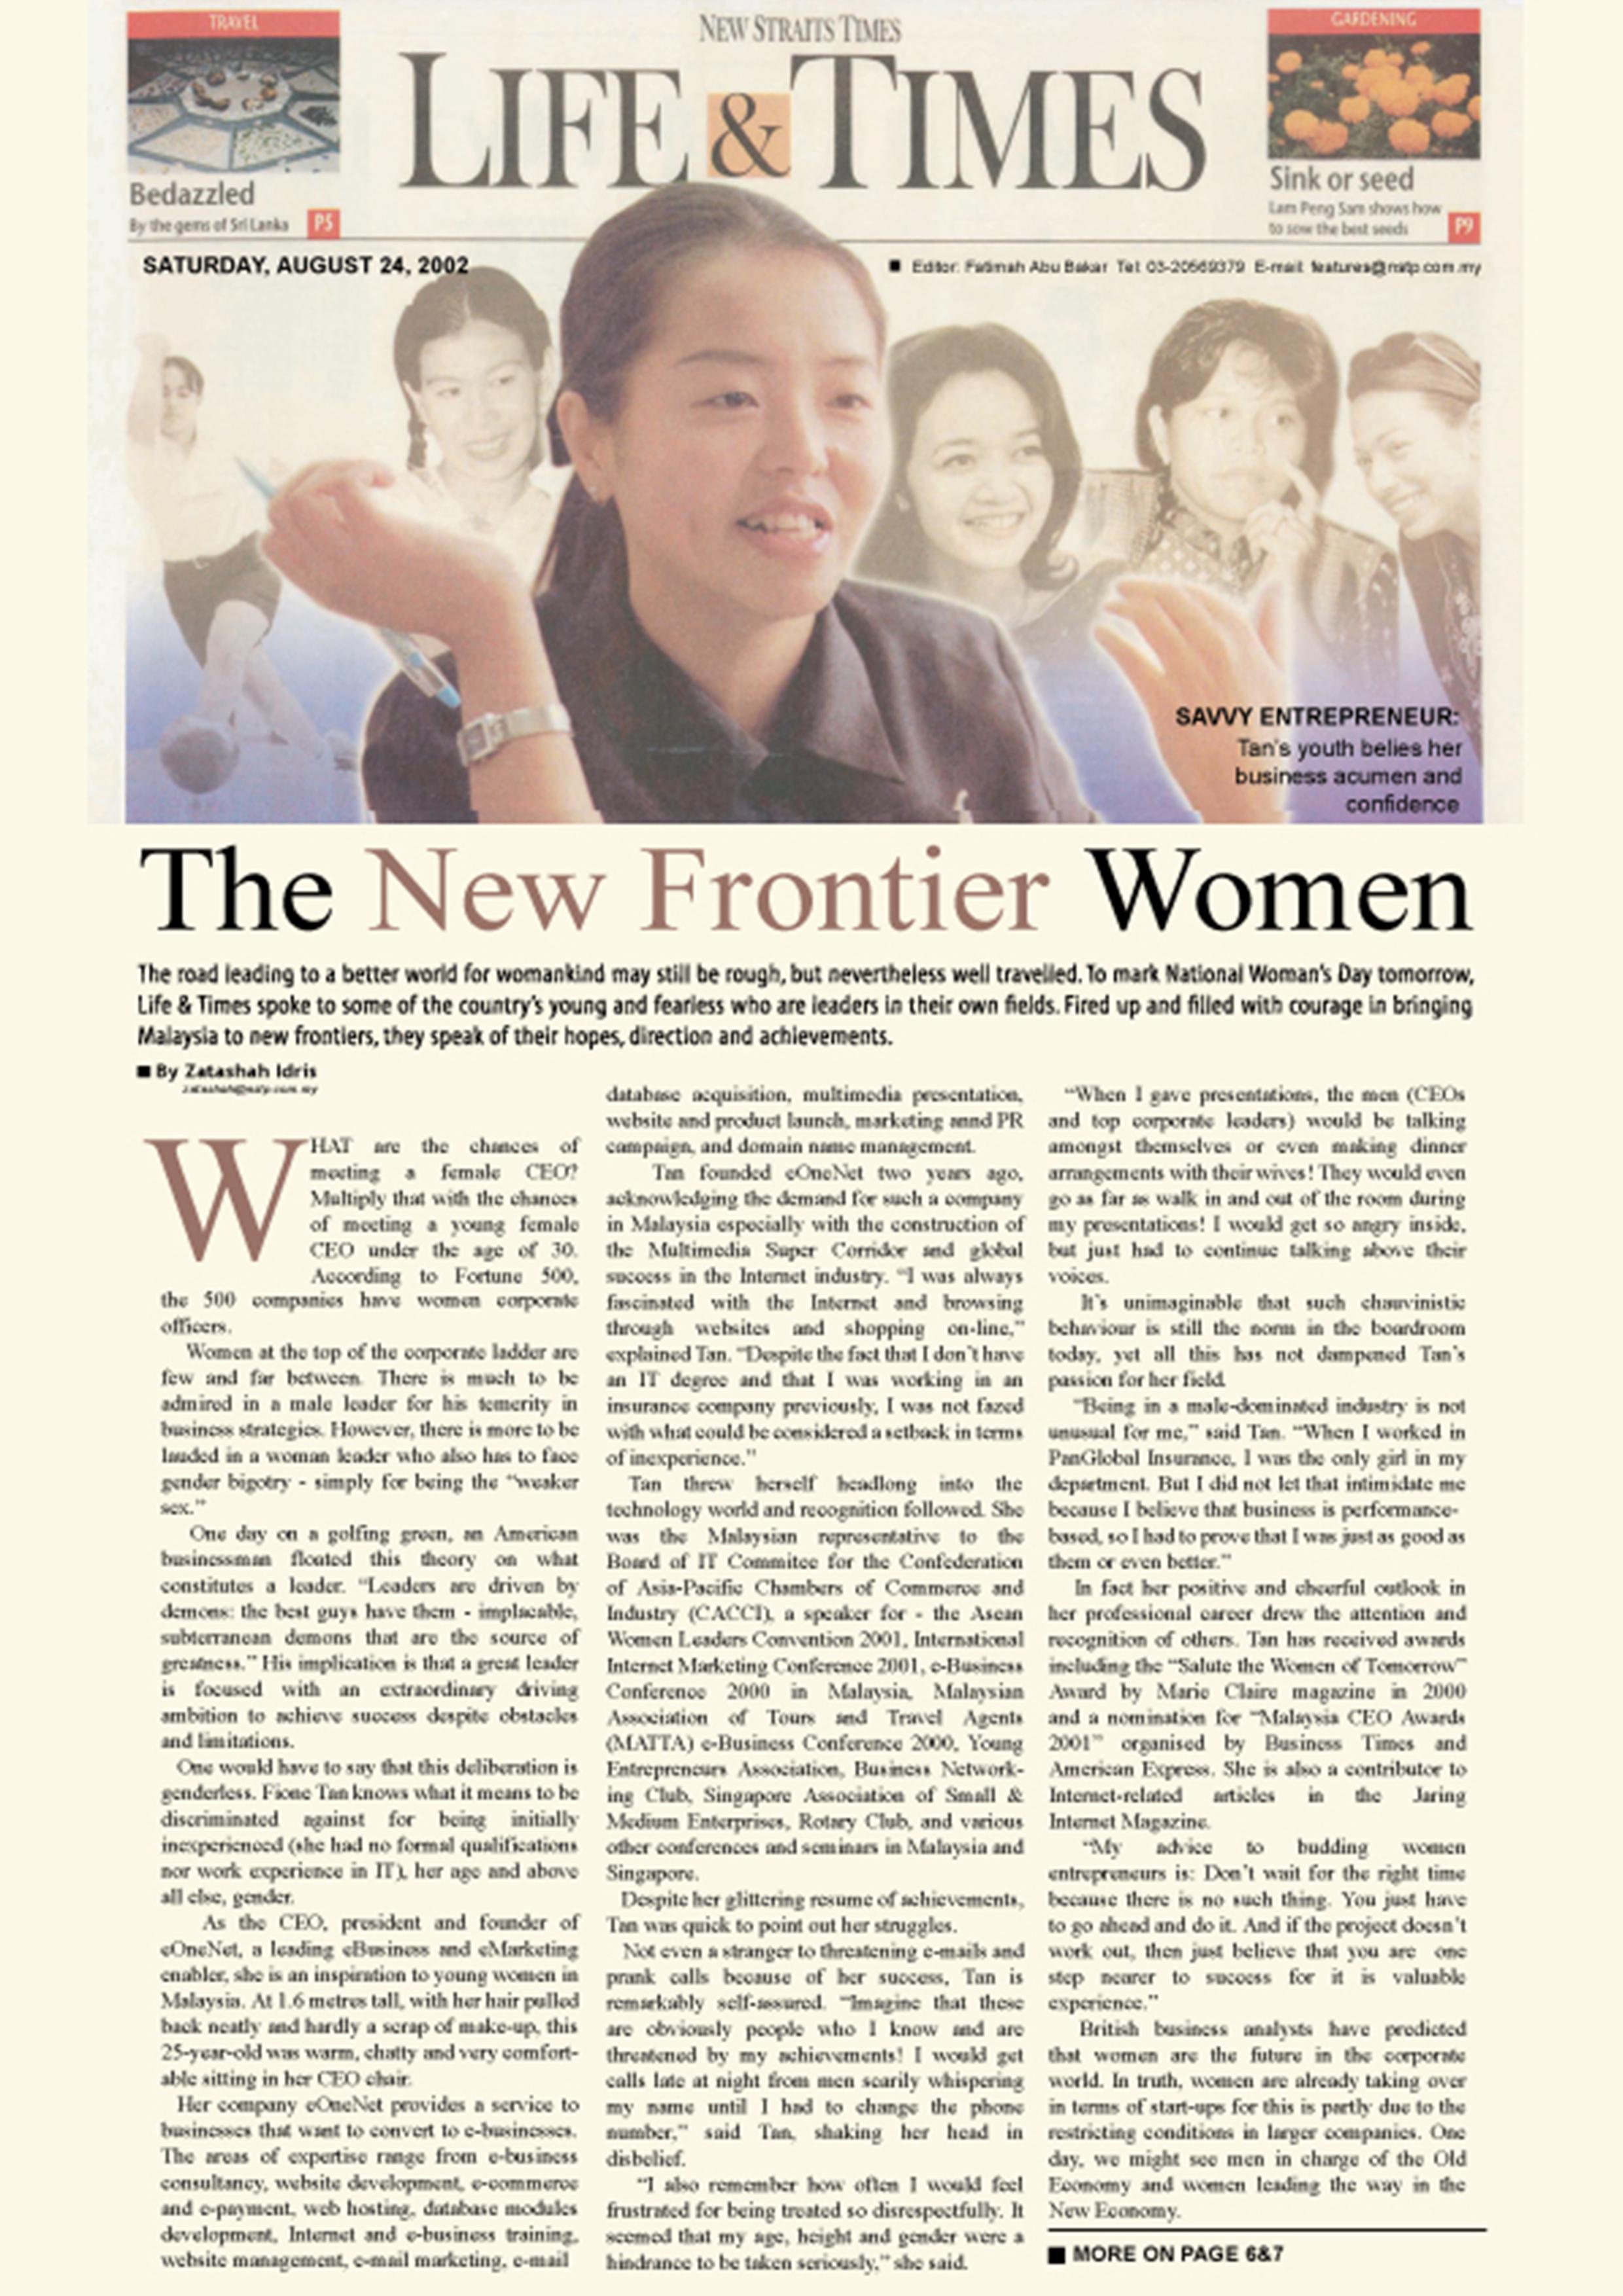 The New Frontier Women